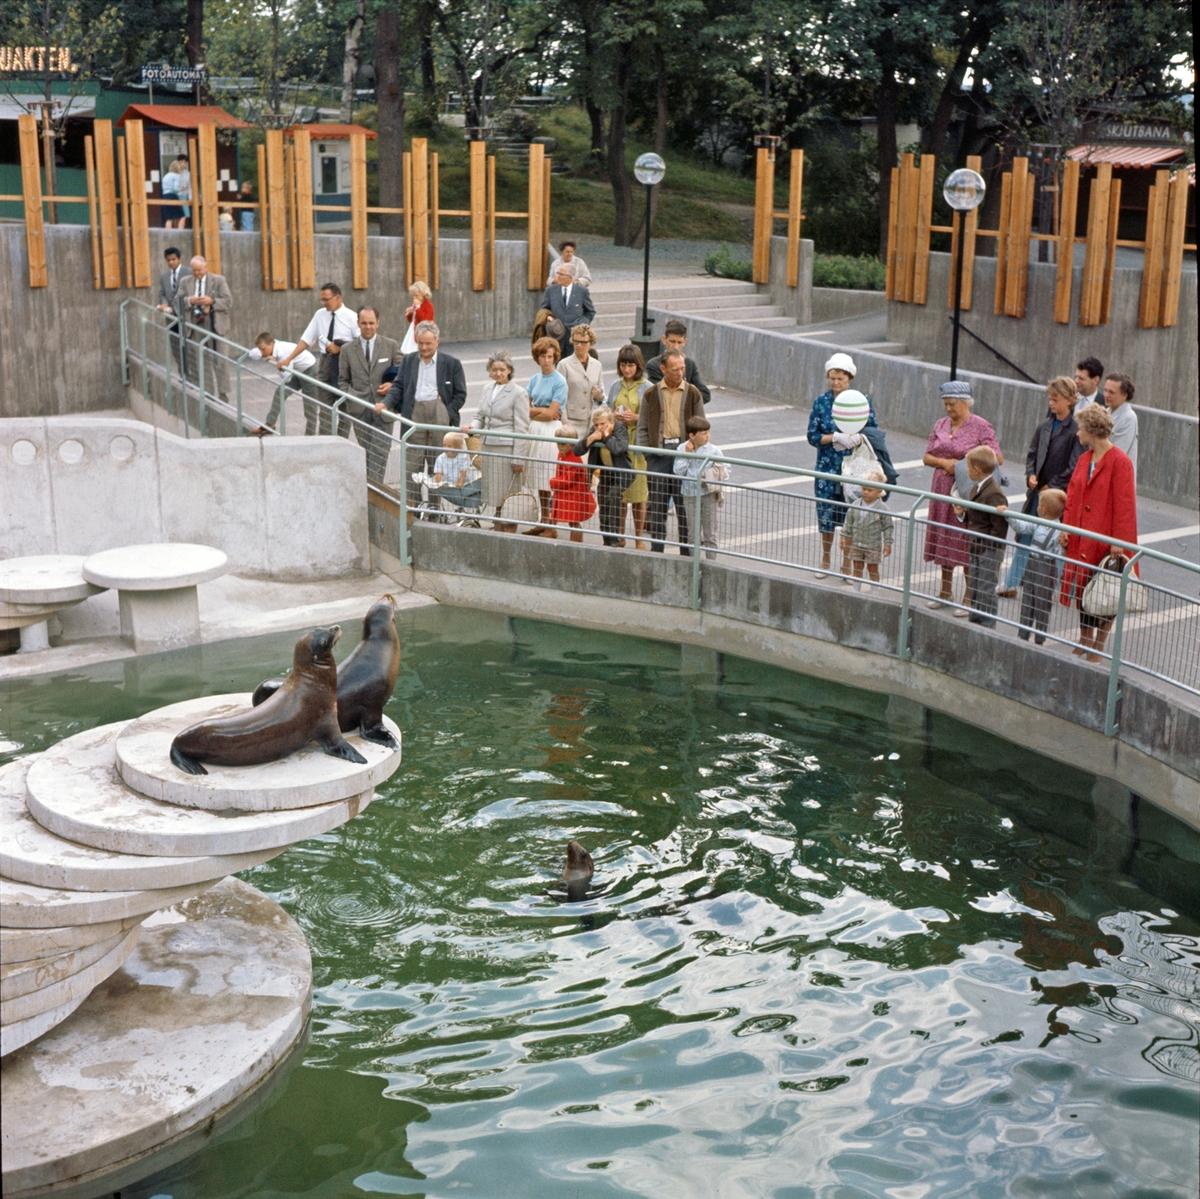 De Californiska sjölejonen matas inför publik.